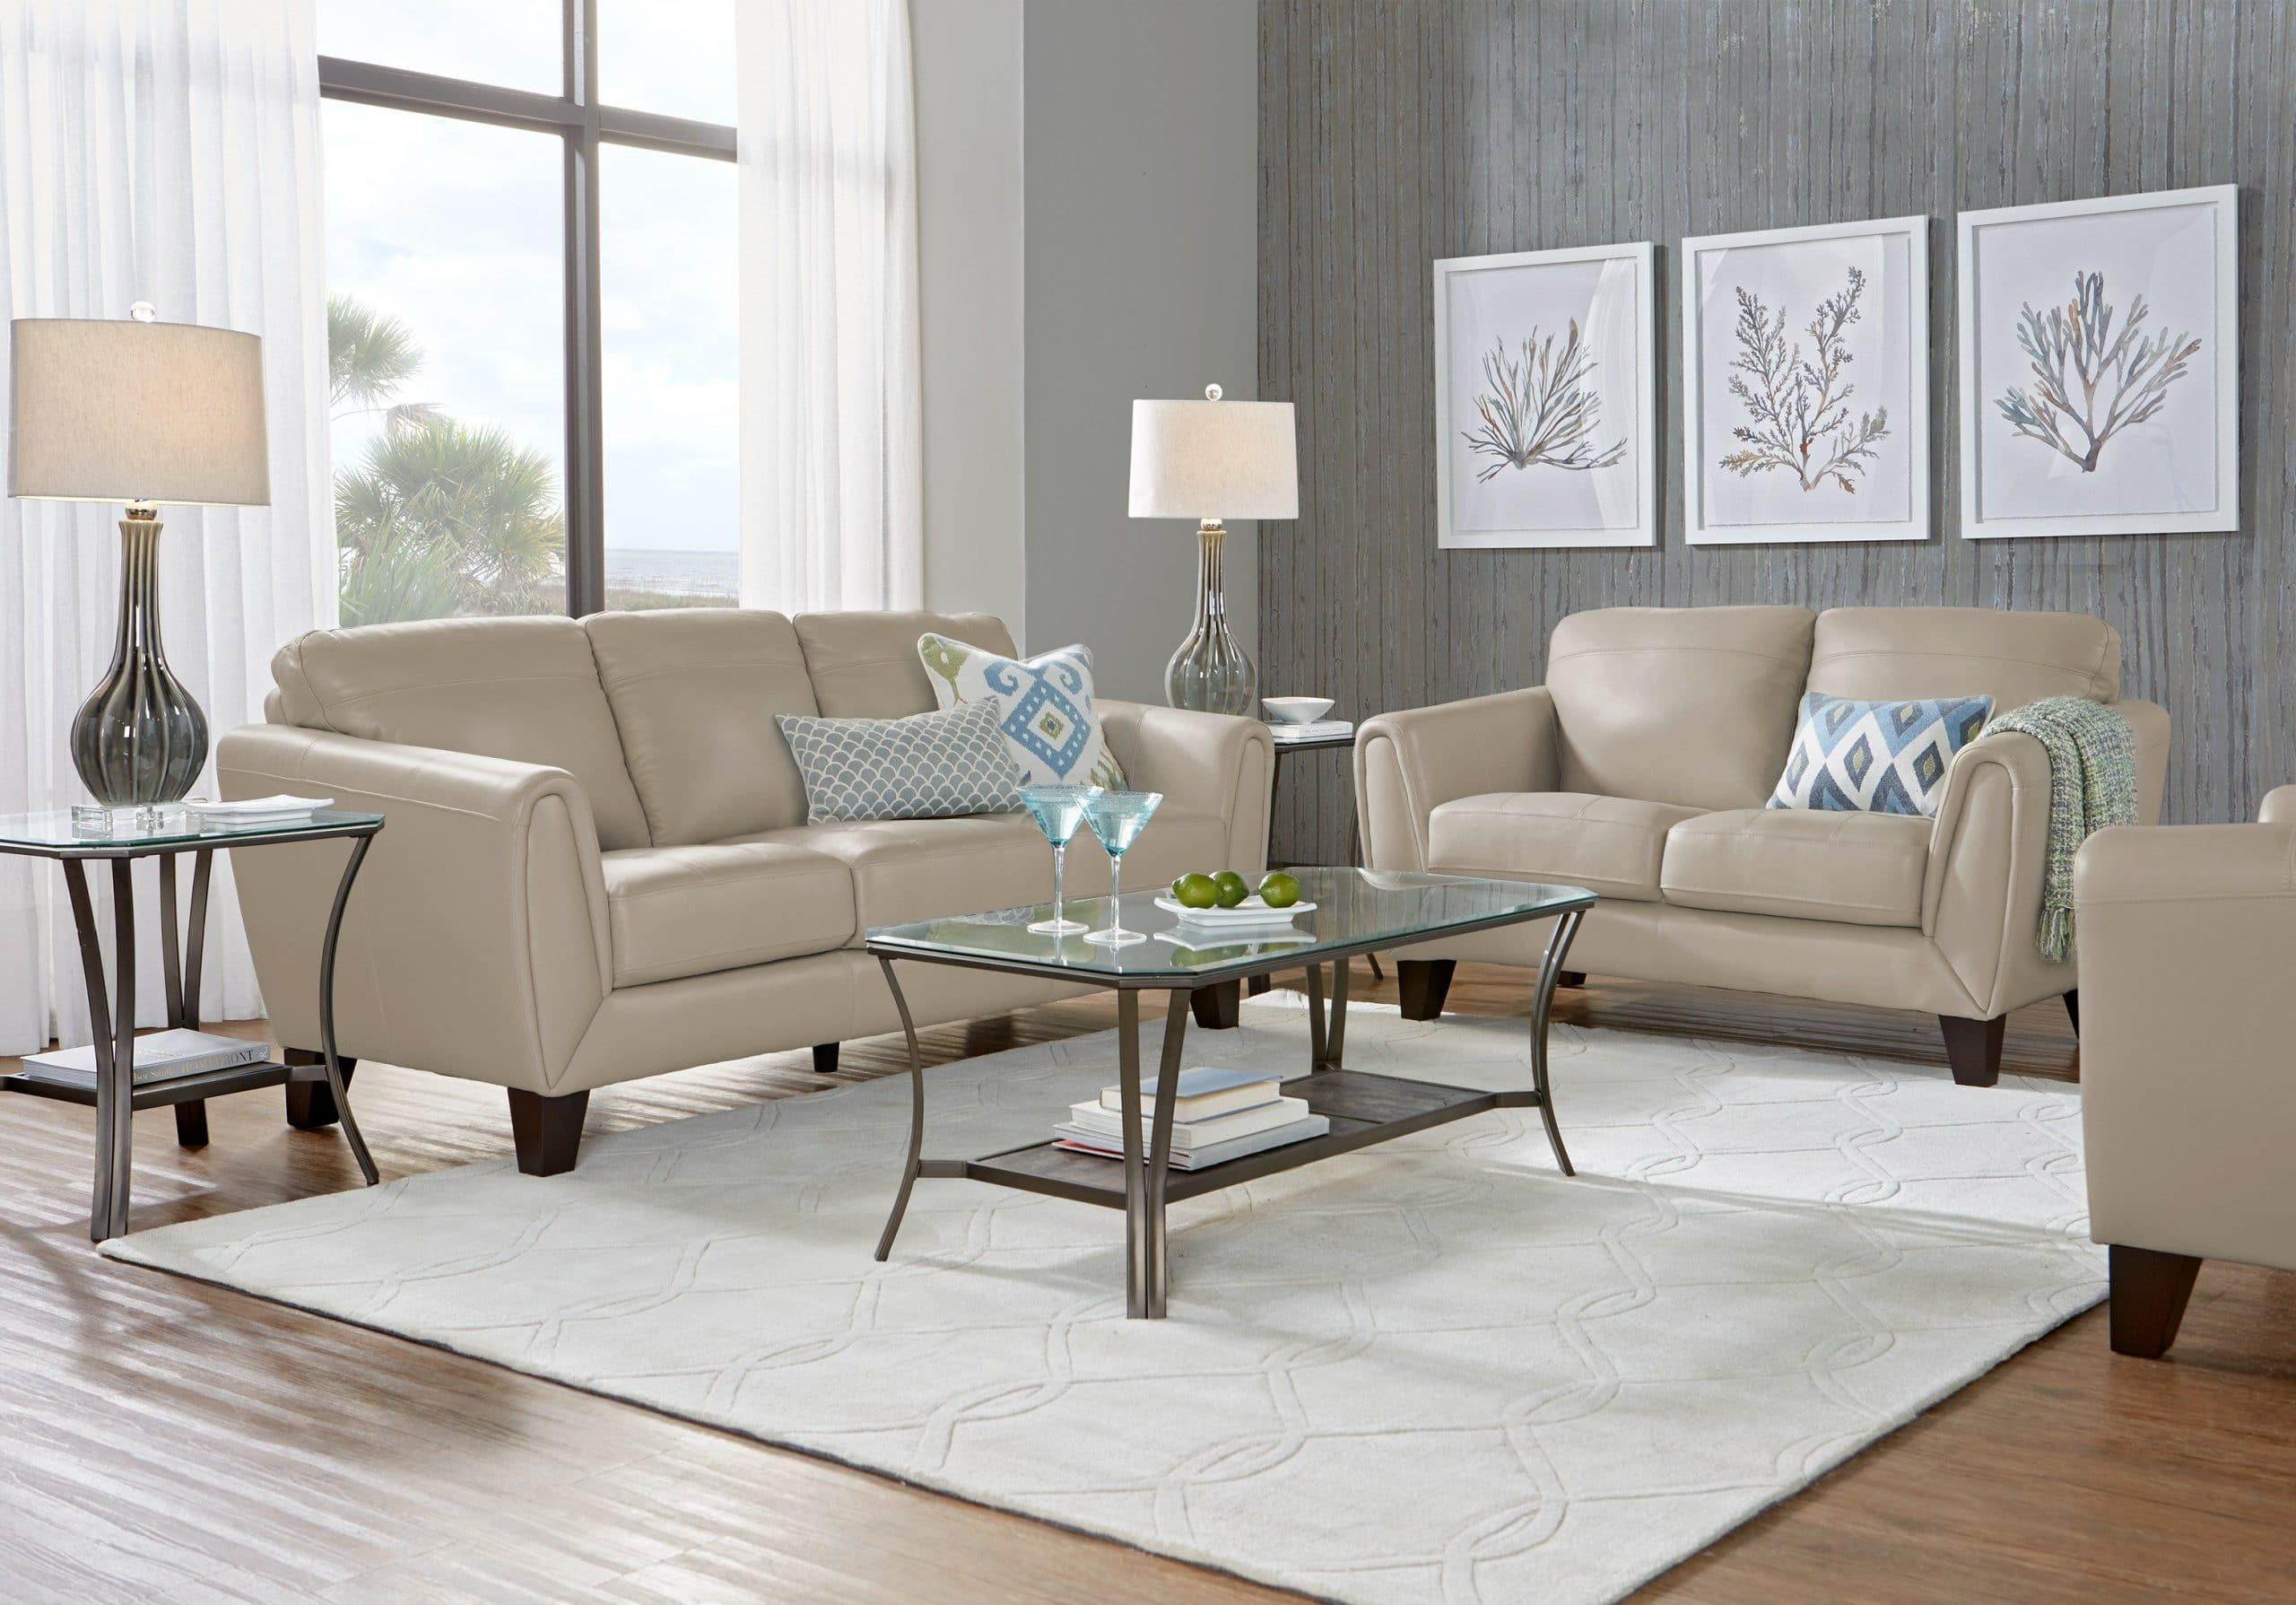 Phần lưng, tay vịn của mẫu sofa màu kem trắng này được thiết kế hơi choãi ra để tạo ra sự thoải mái cho người ngồi. Phần chân bằng gỗ cứng, chắc giúp nâng đỡ phần sofa phía trên một cách chắc chắn